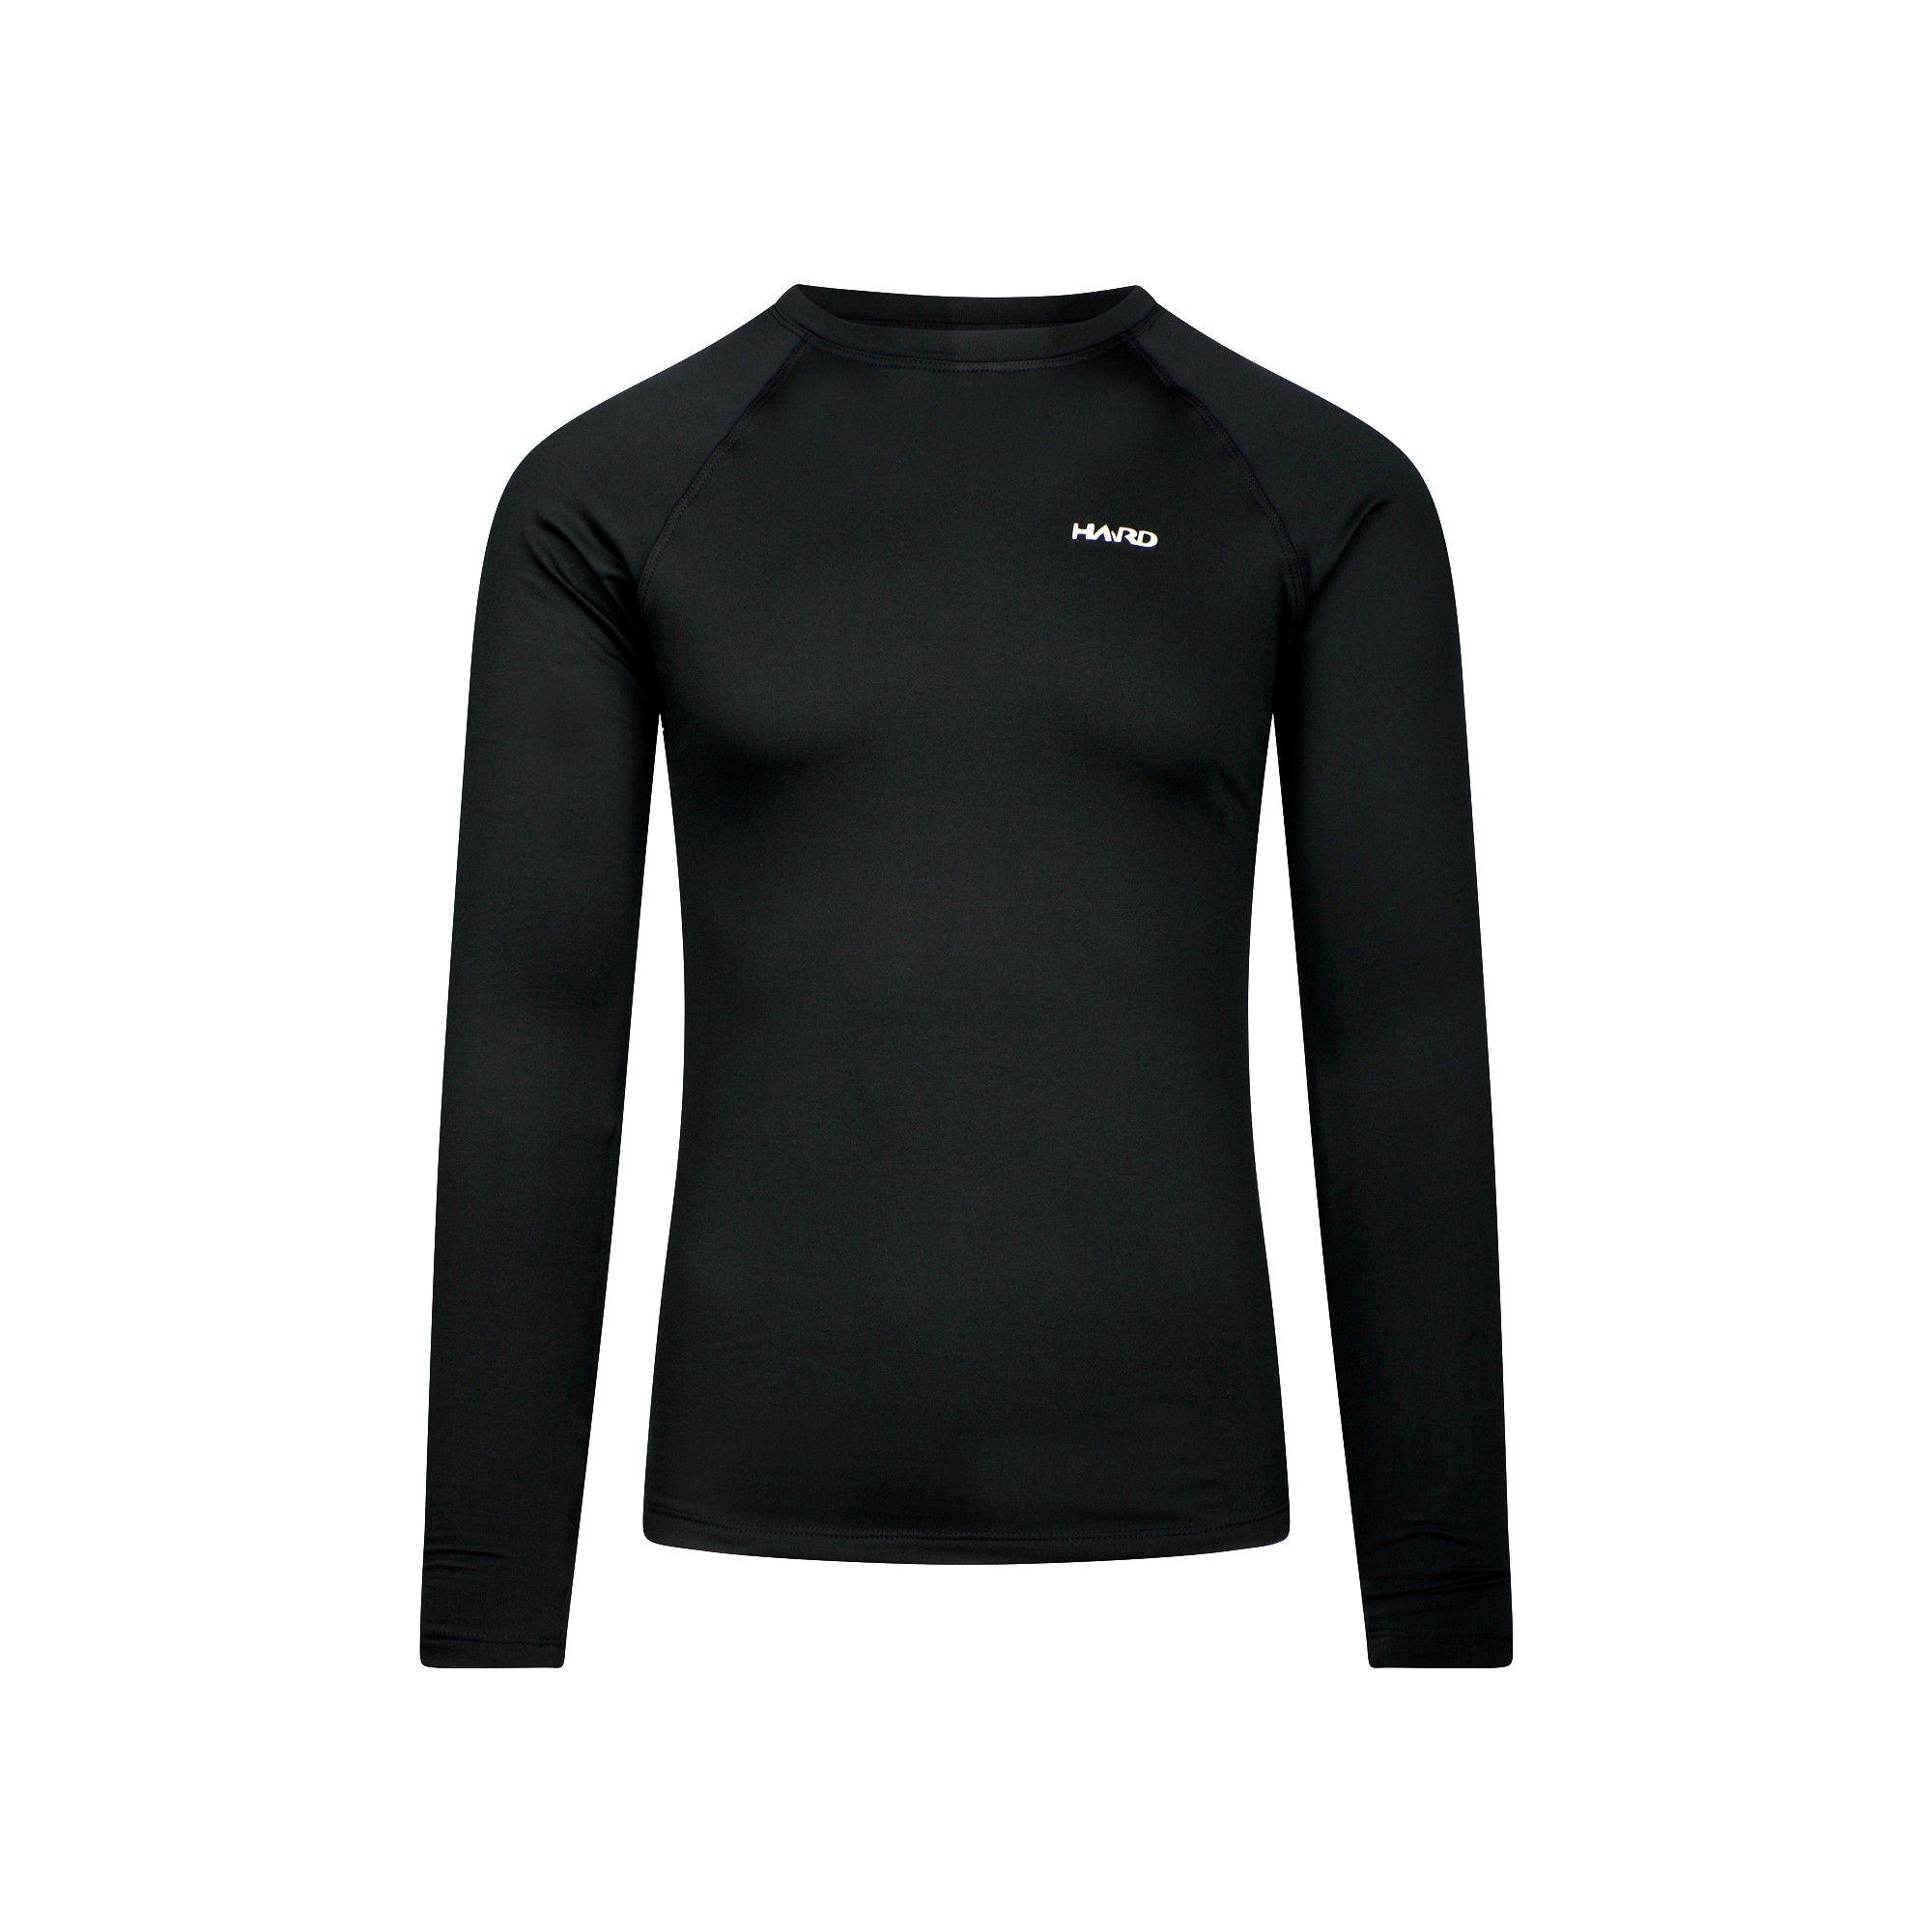 Camiseta Segunda Pele Masculina Hard Mountain Skin -  Preta